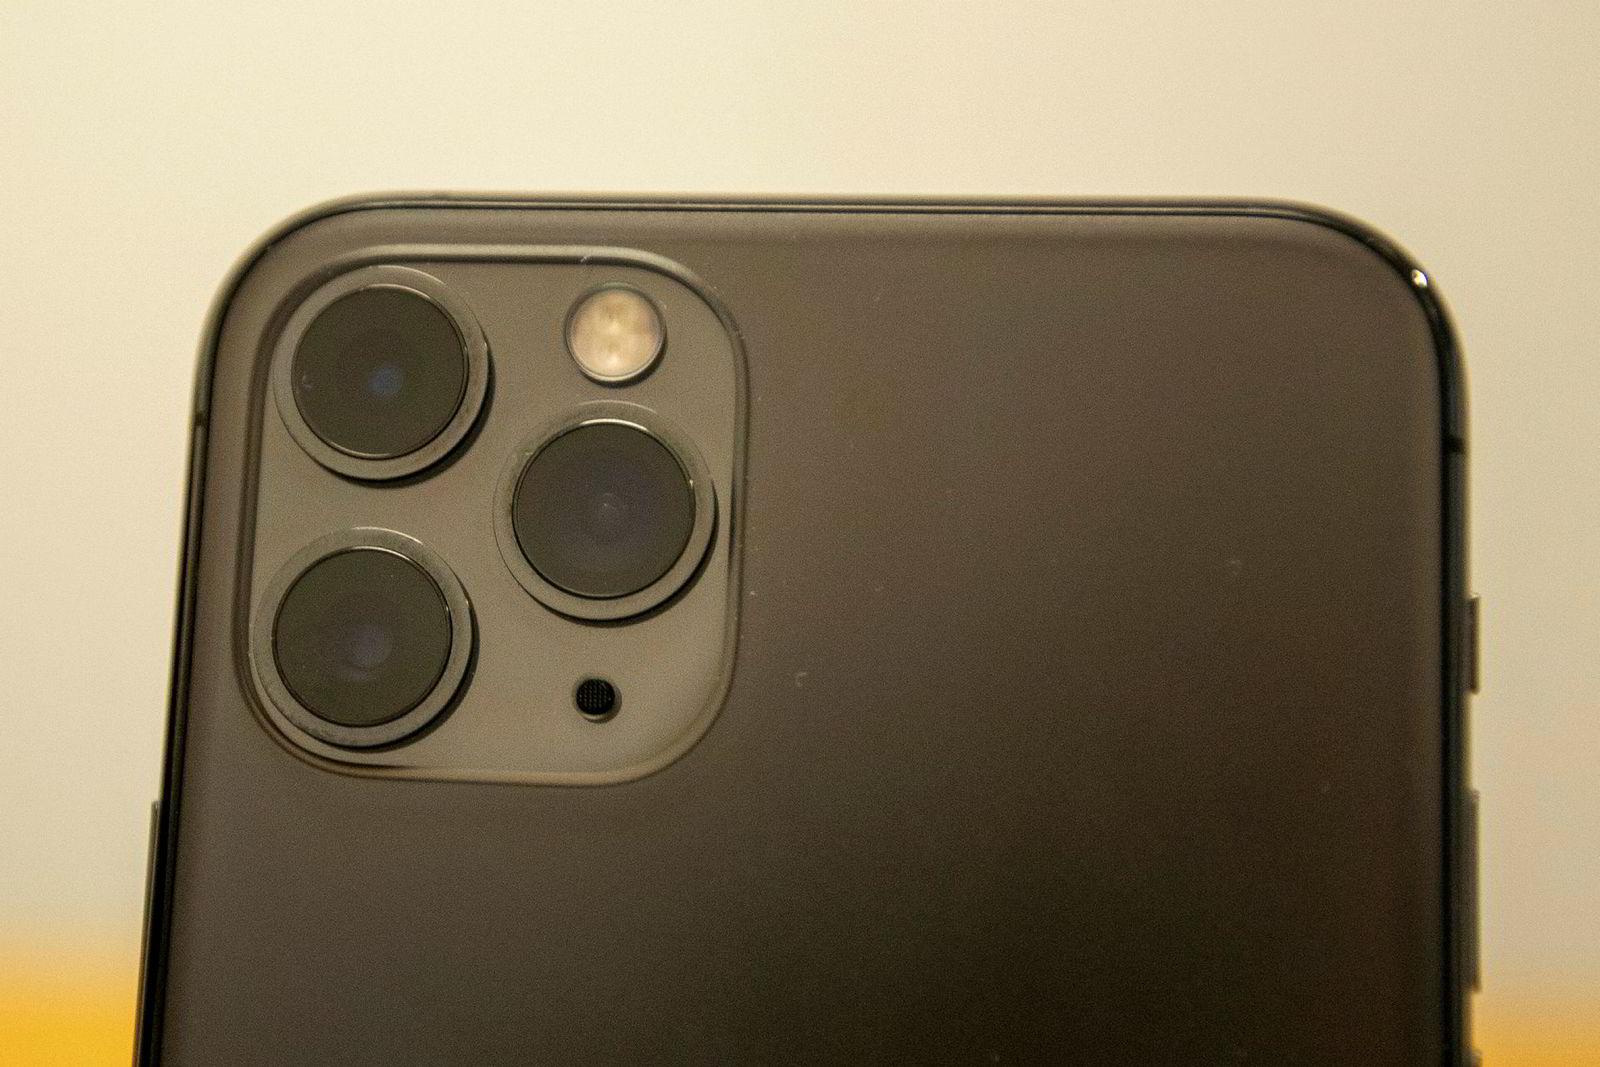 Iphone 11 Pro har en uvant usymmetrisk kameramodul.